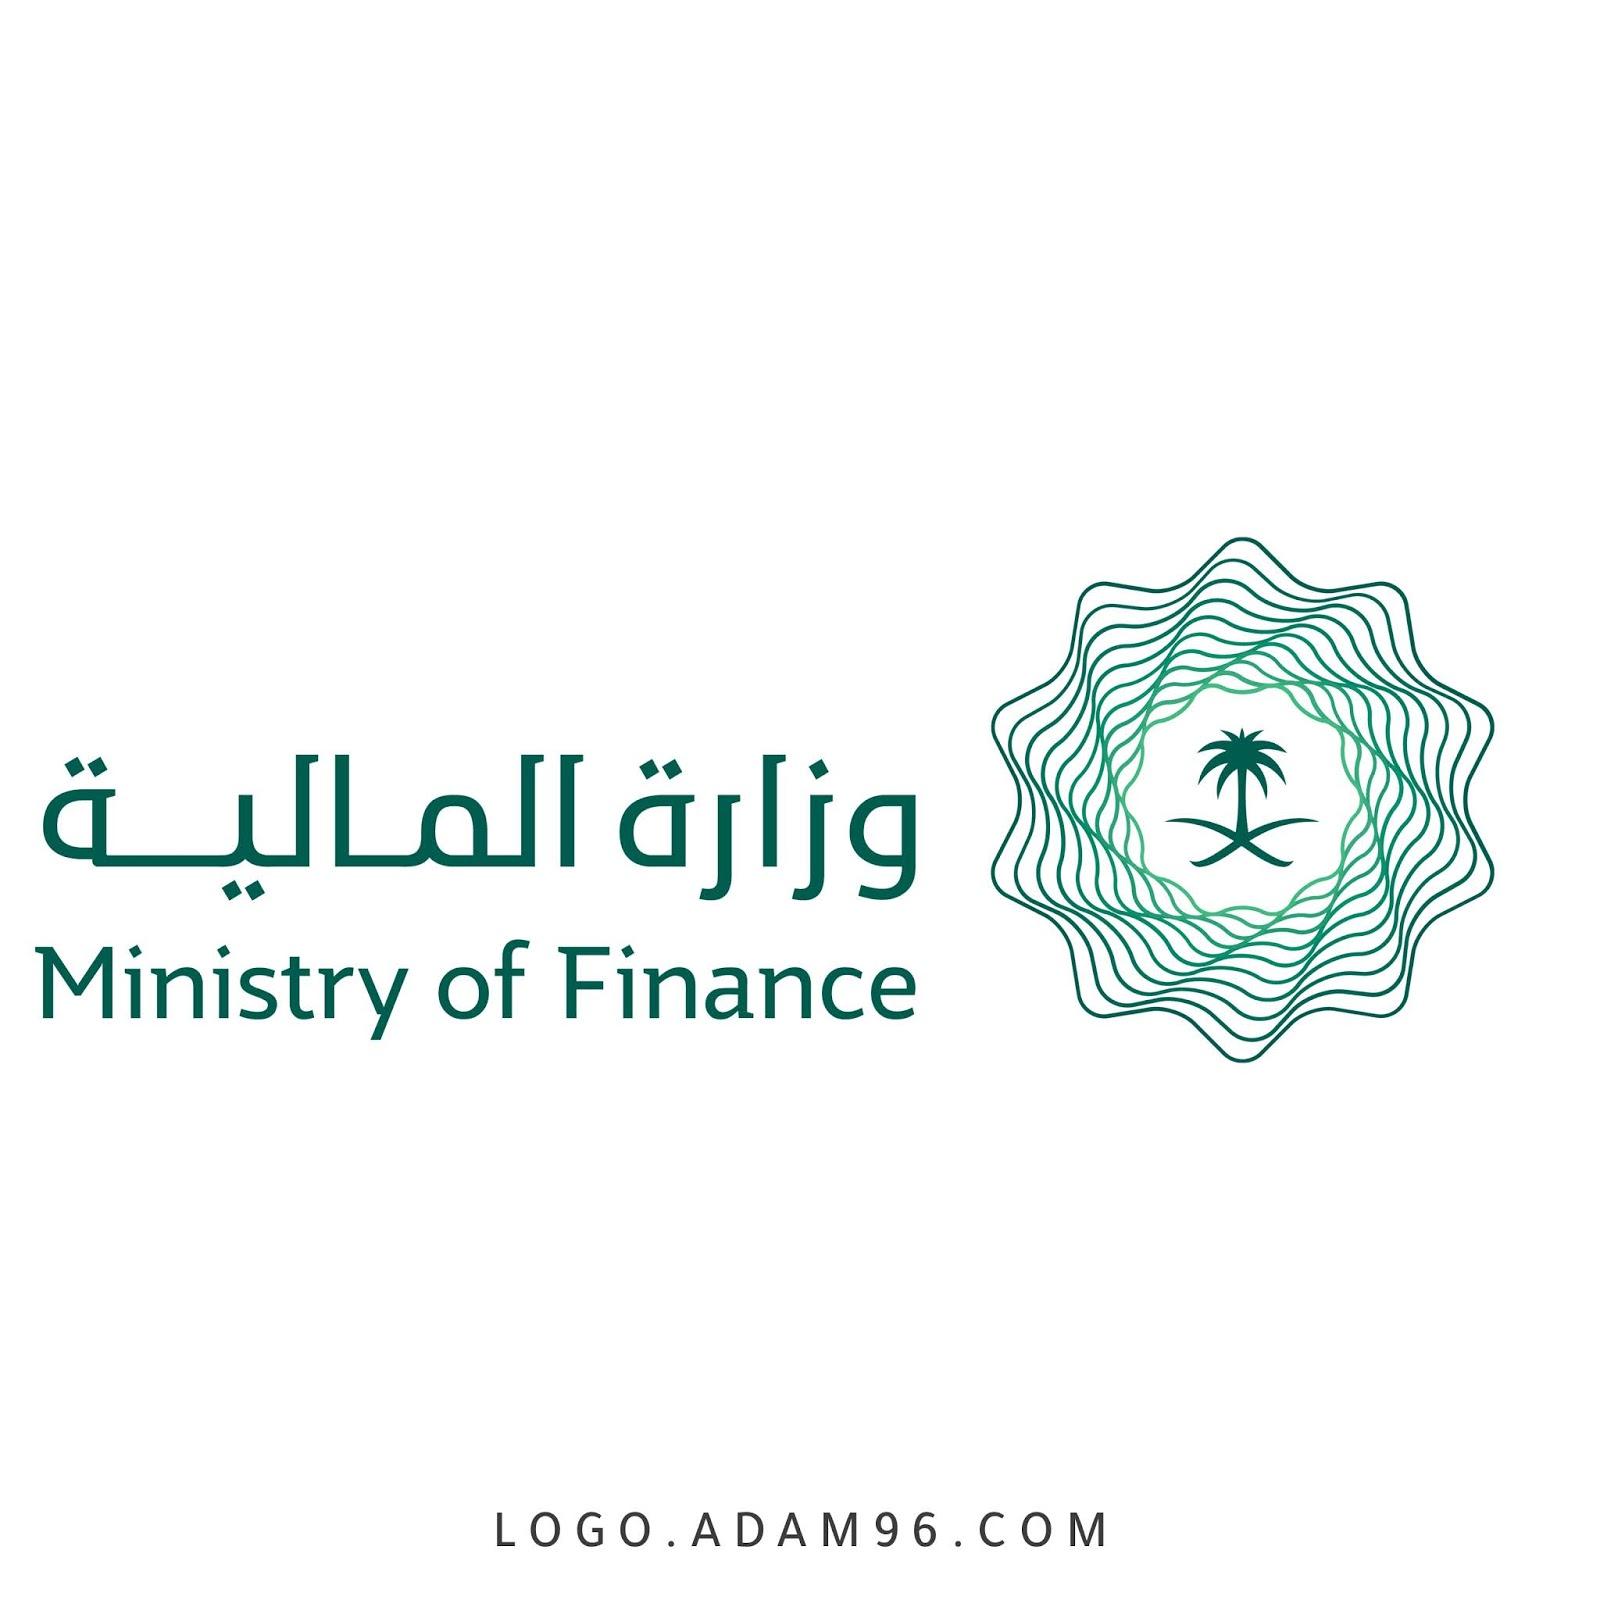 تحميل شعار وزارة المالية المملكة العربية السعودية بجودة عالية بدون خلفية Logo Ministry Of Finance Png